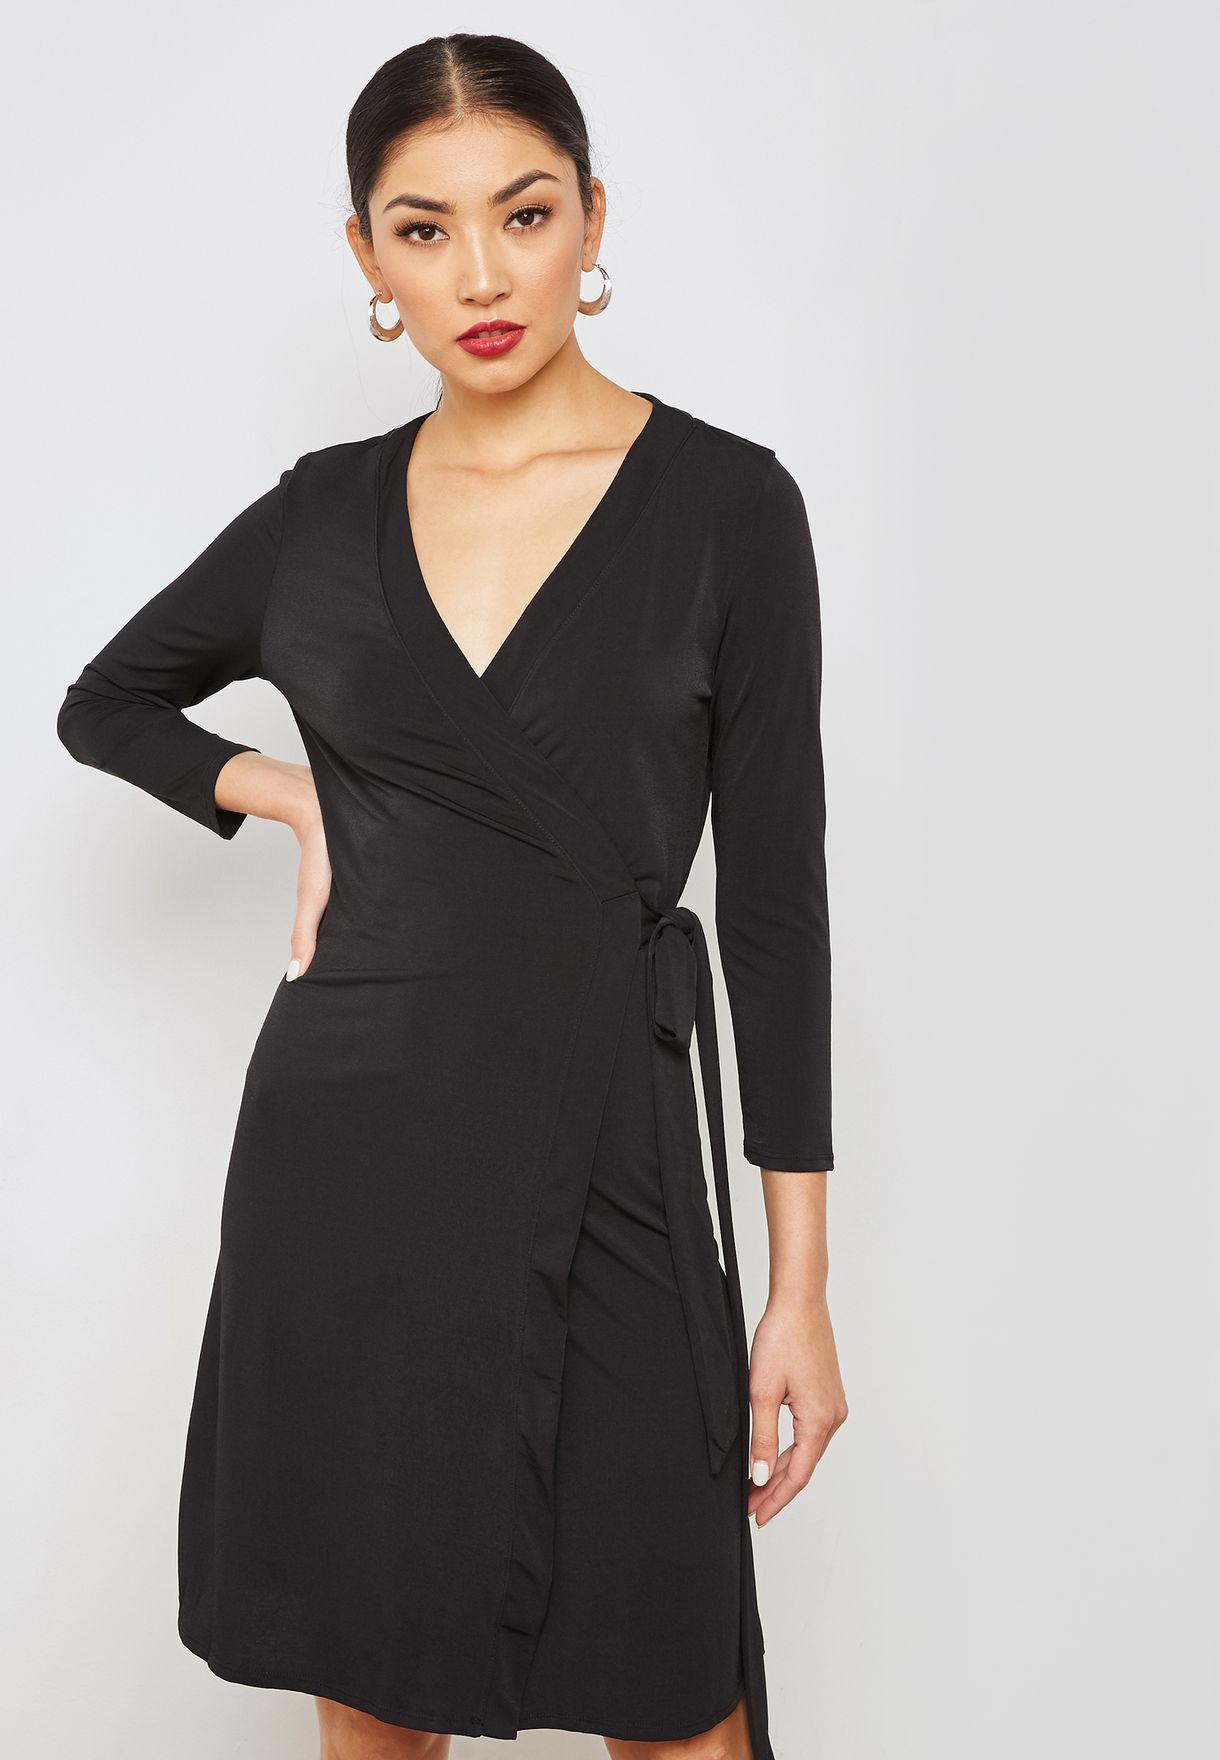 d128727ebf8c Shop Mango black Belted Wrap Dress 31027674 for Women in UAE ...